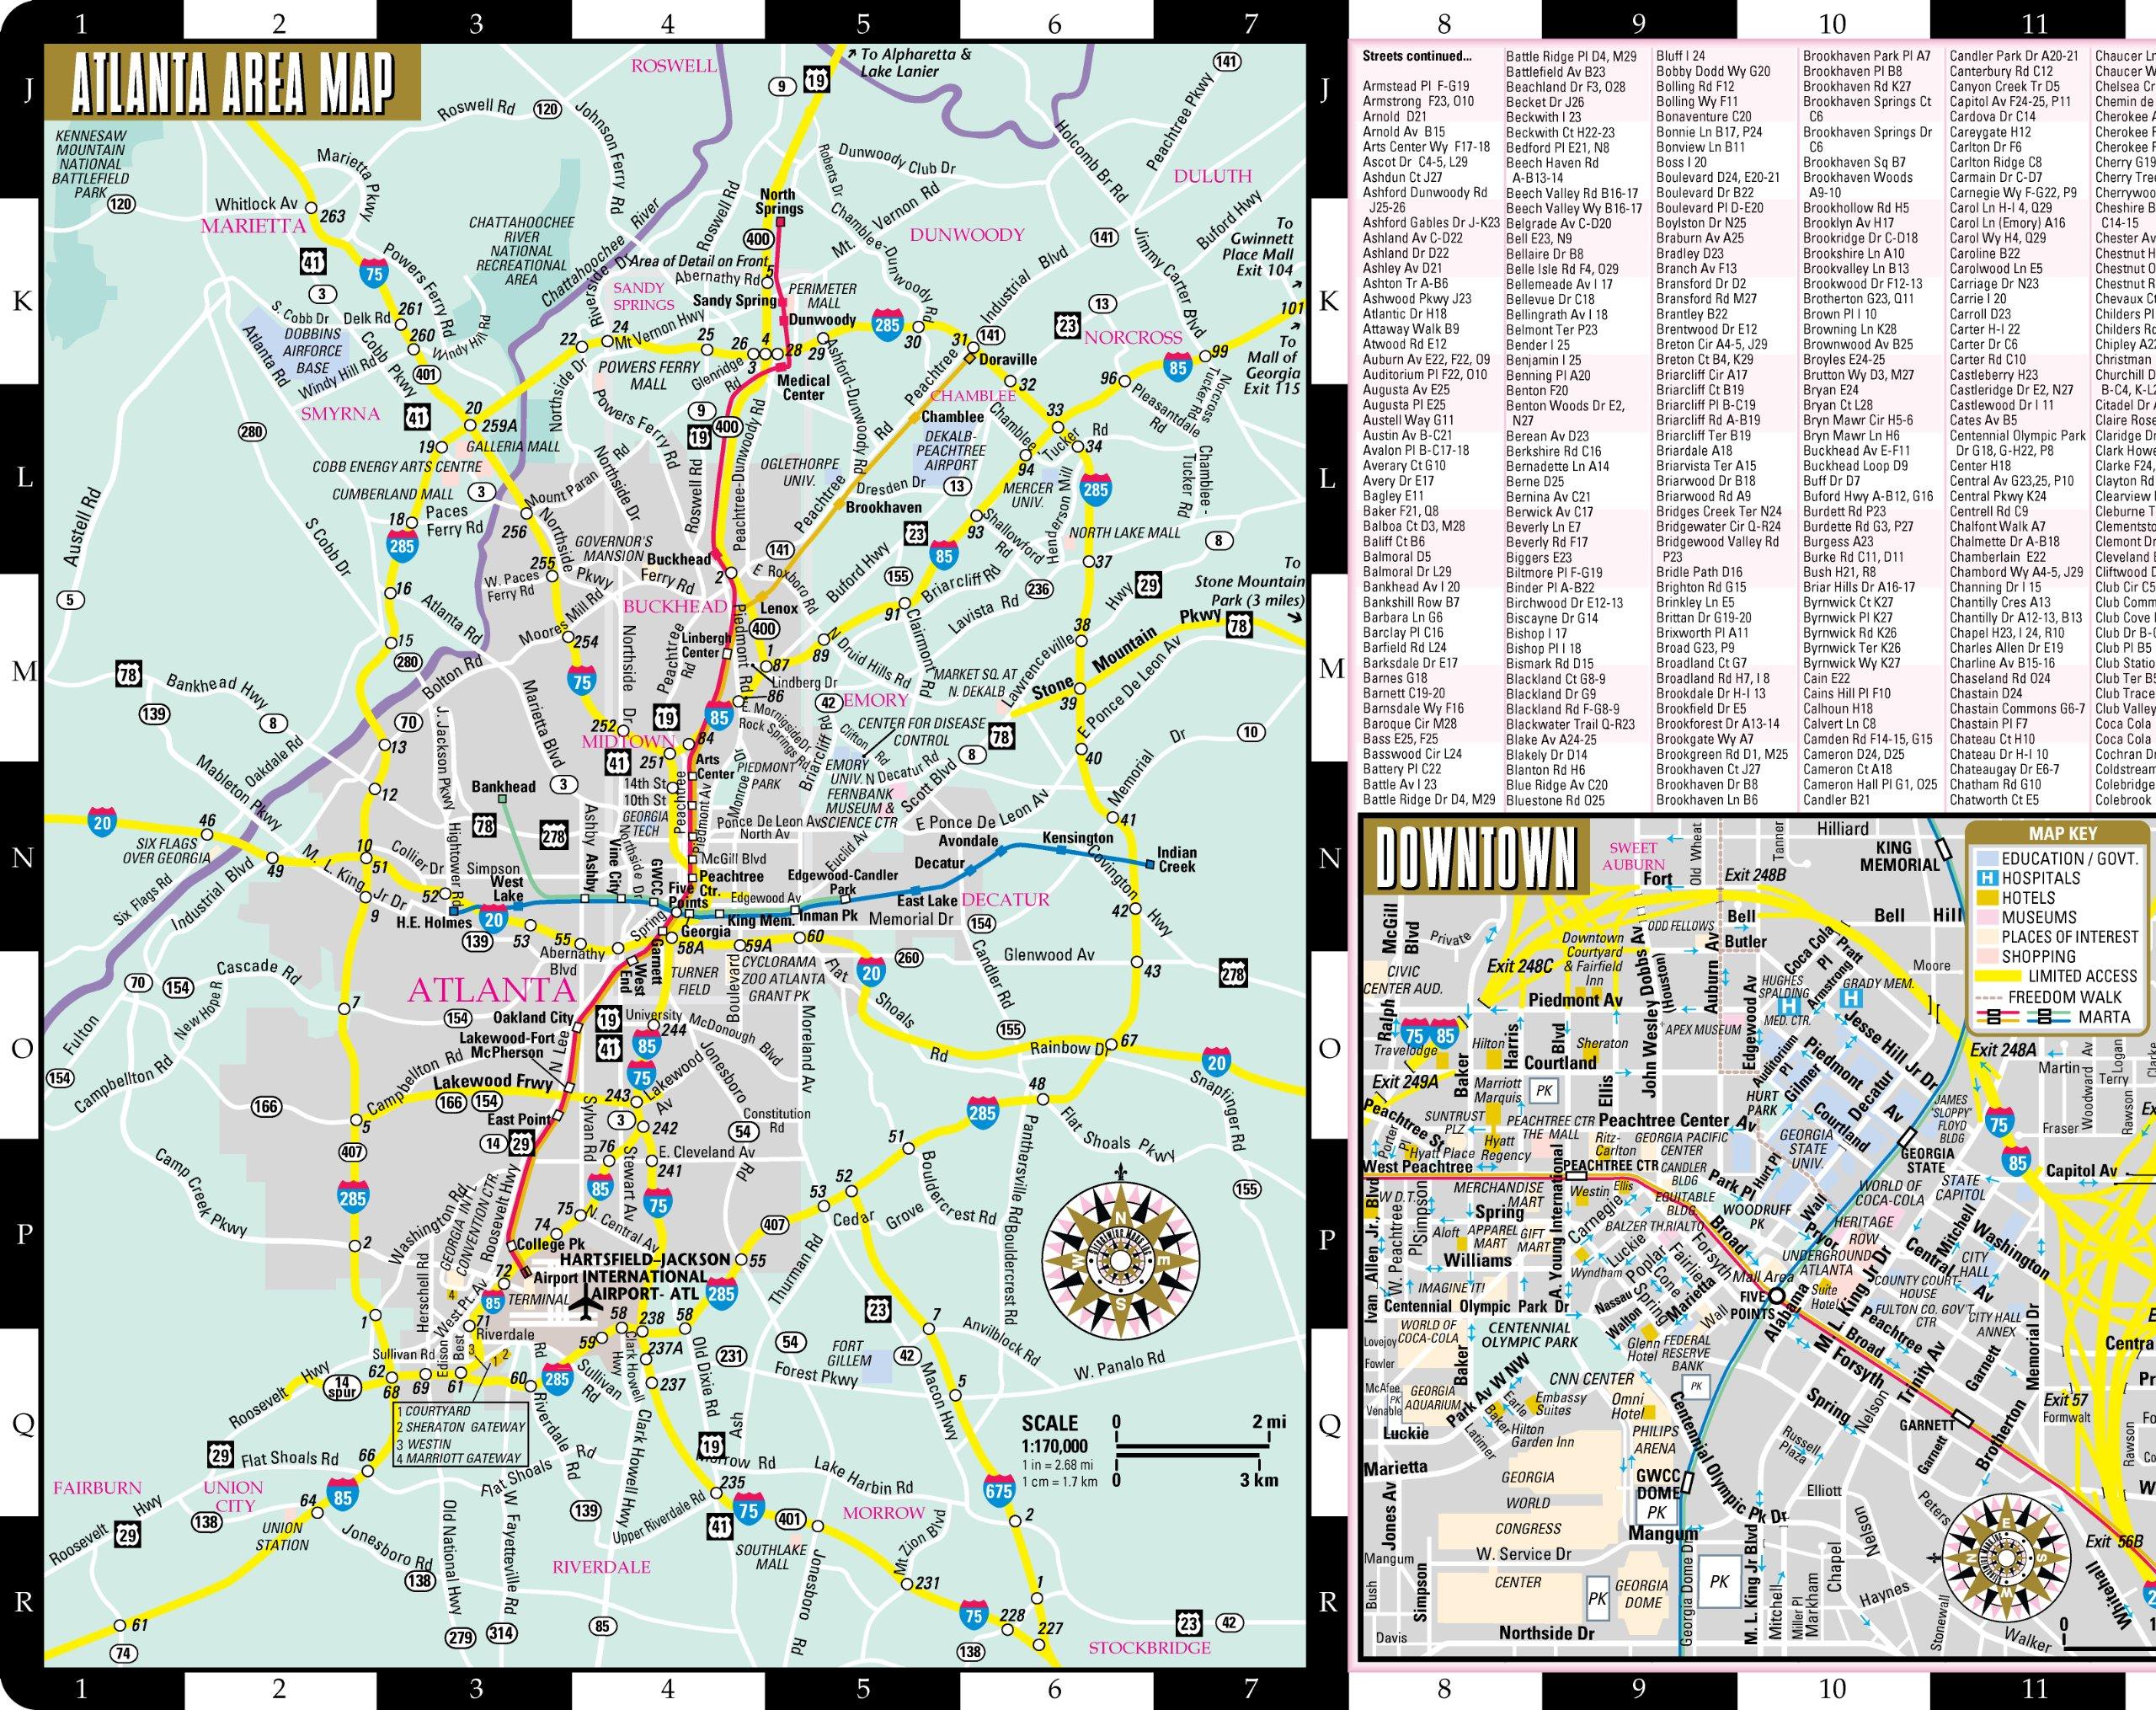 Streetwise Atlanta Map Laminated City Center Street Map of Atlanta